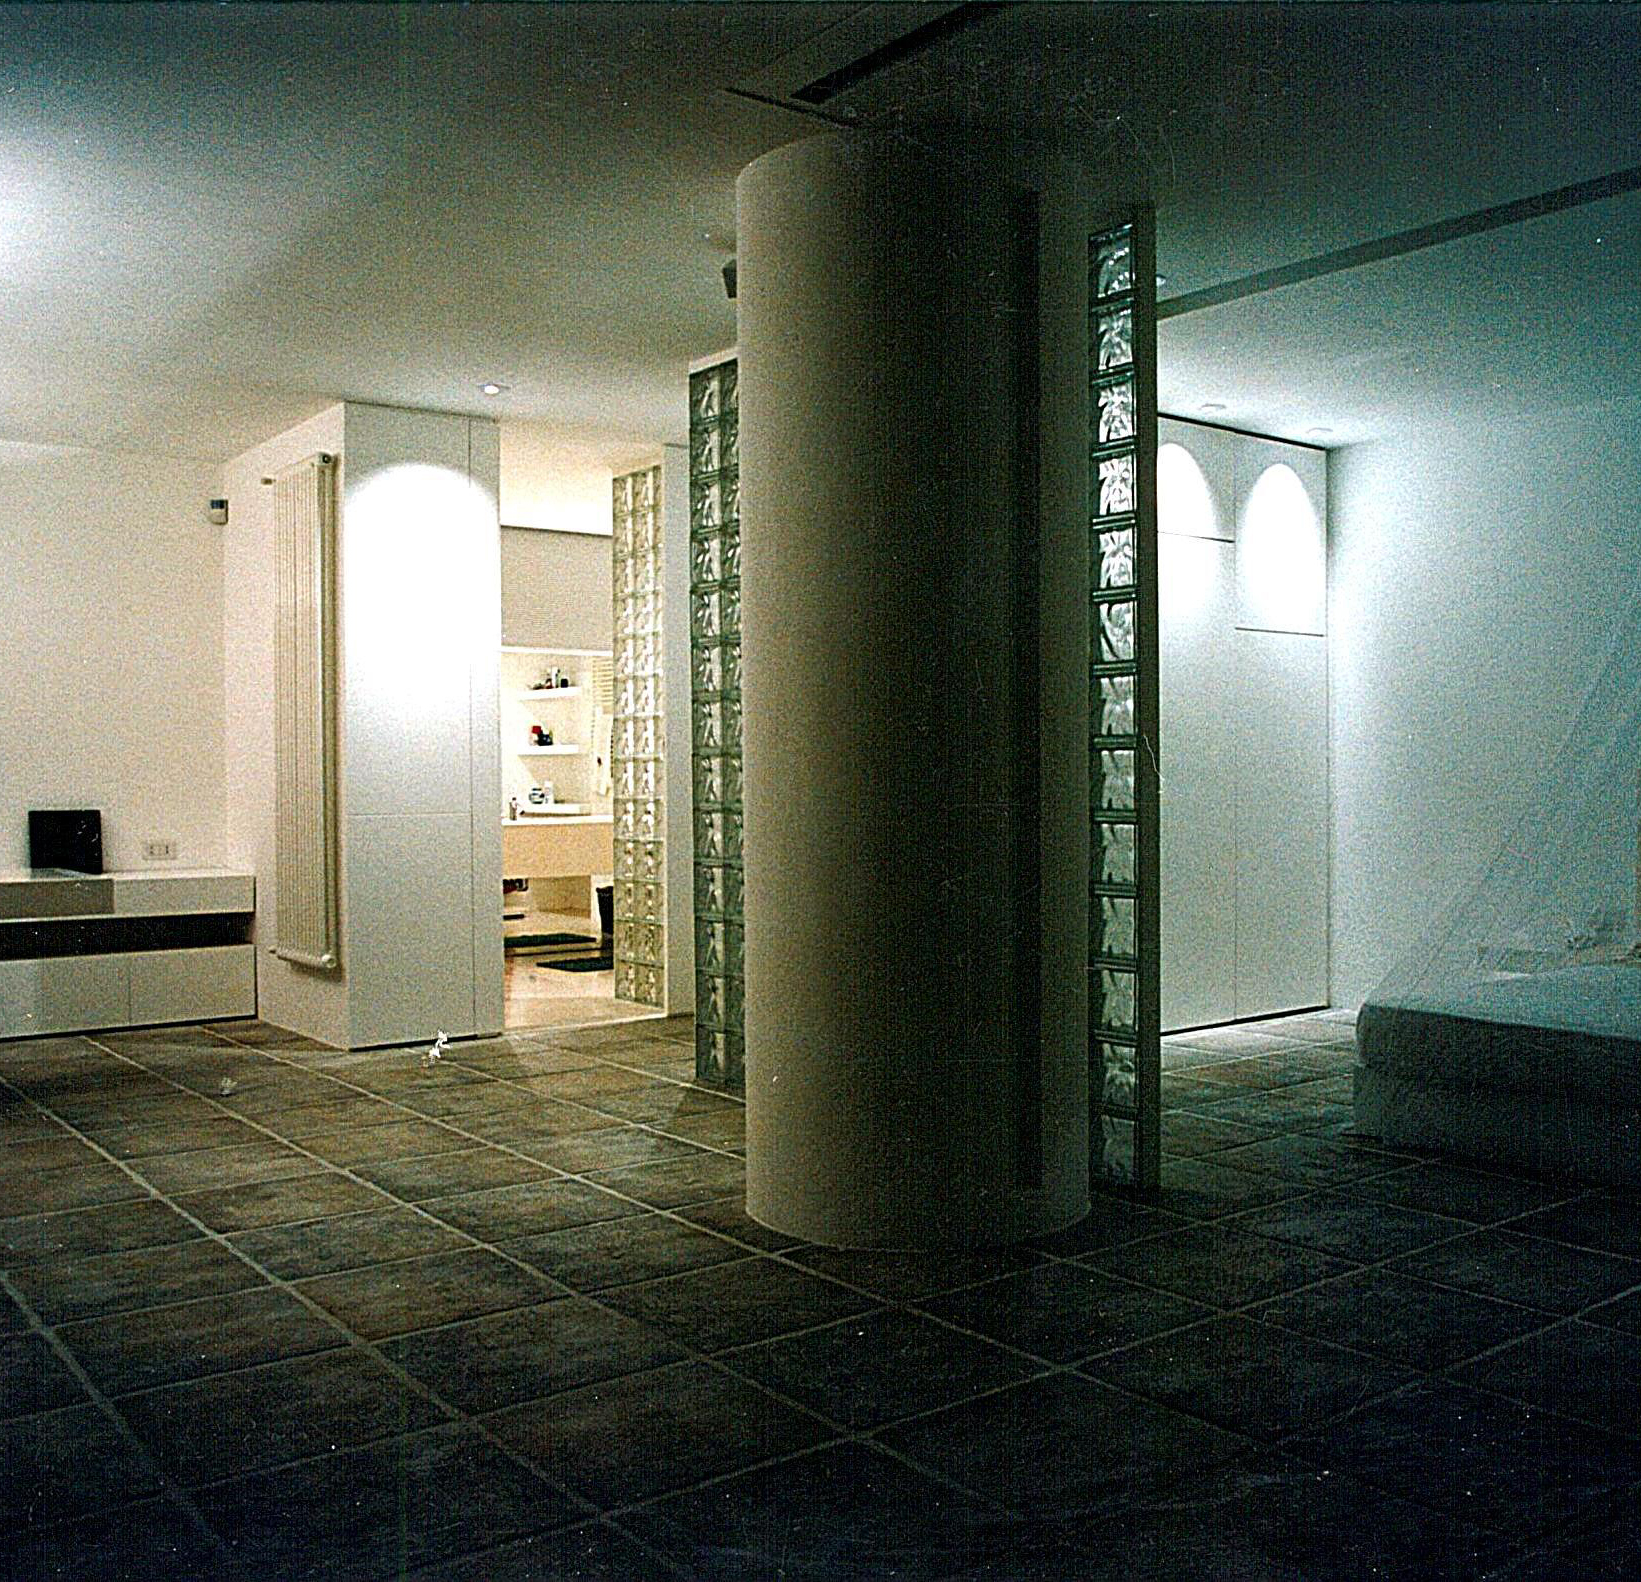 MF HOLLYDAY HOUSE .1998